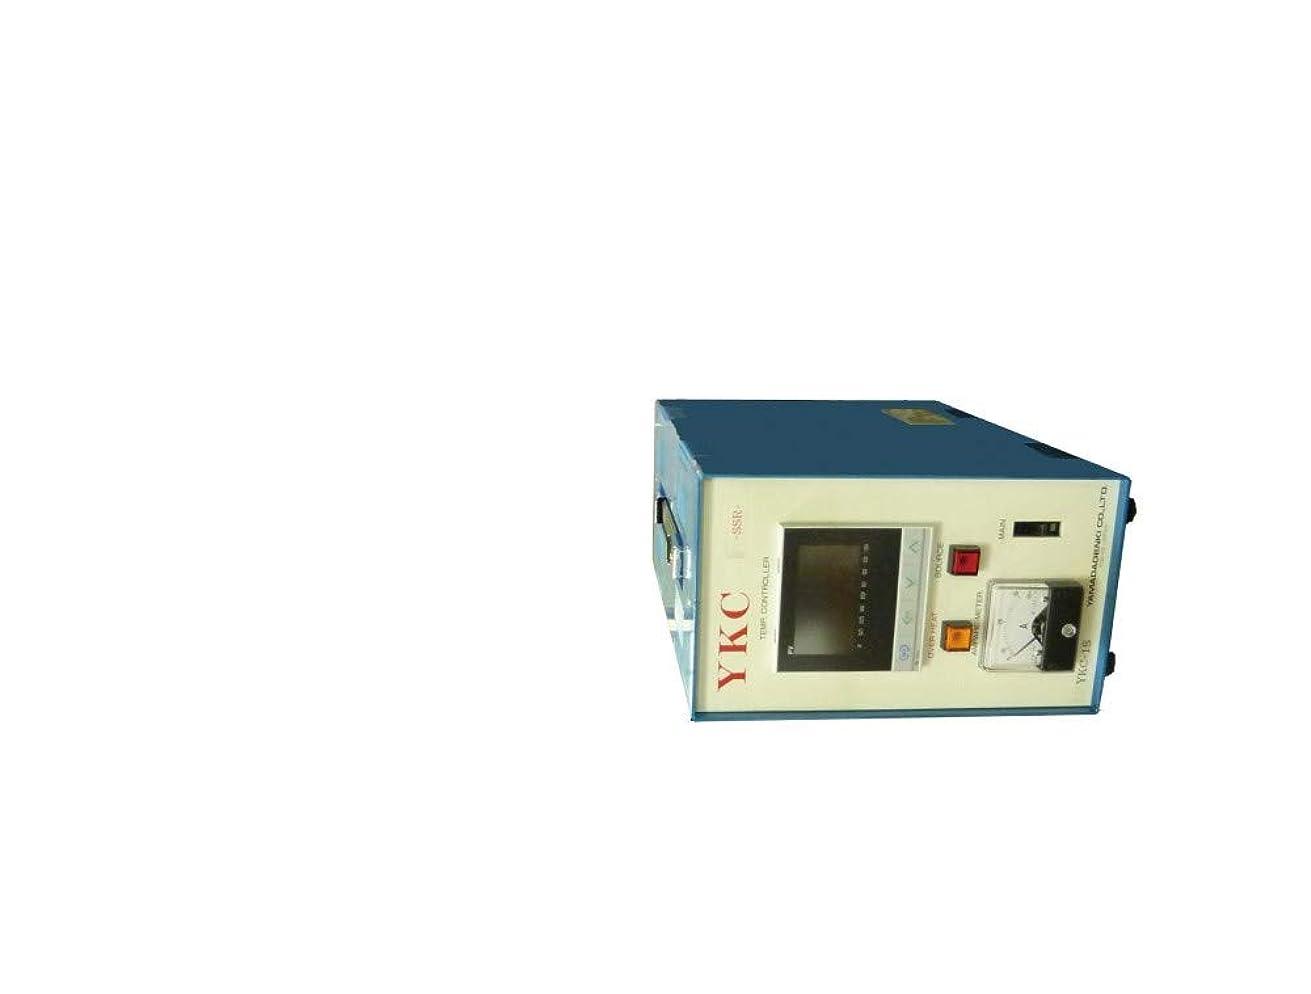 規定モザイク確かめる多目的コントローラー(SSR出力型) YKC-11S 単位:1